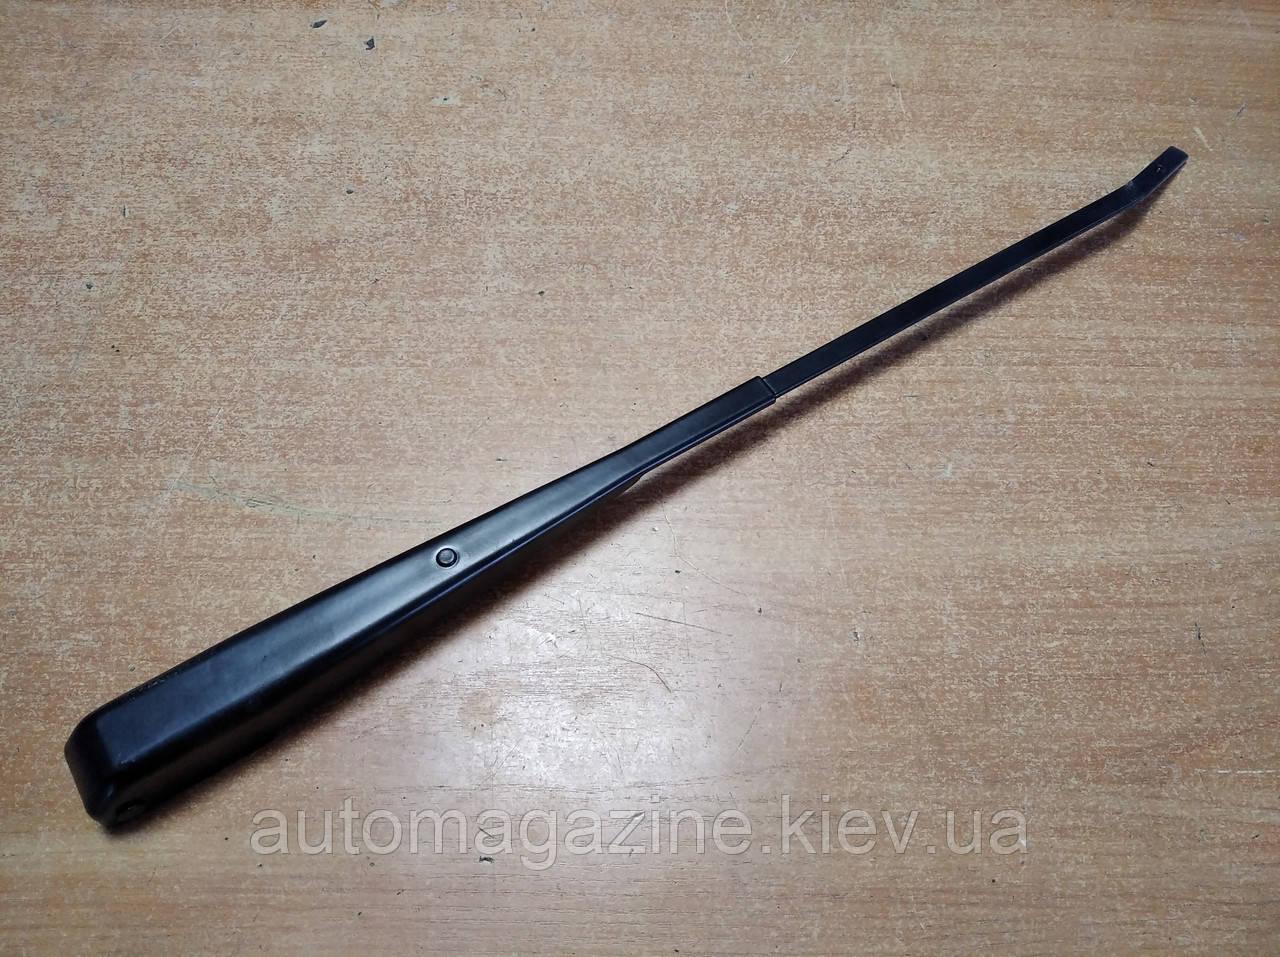 Рычаг стеклоочистителя ГАЗ 2410 (Волга)